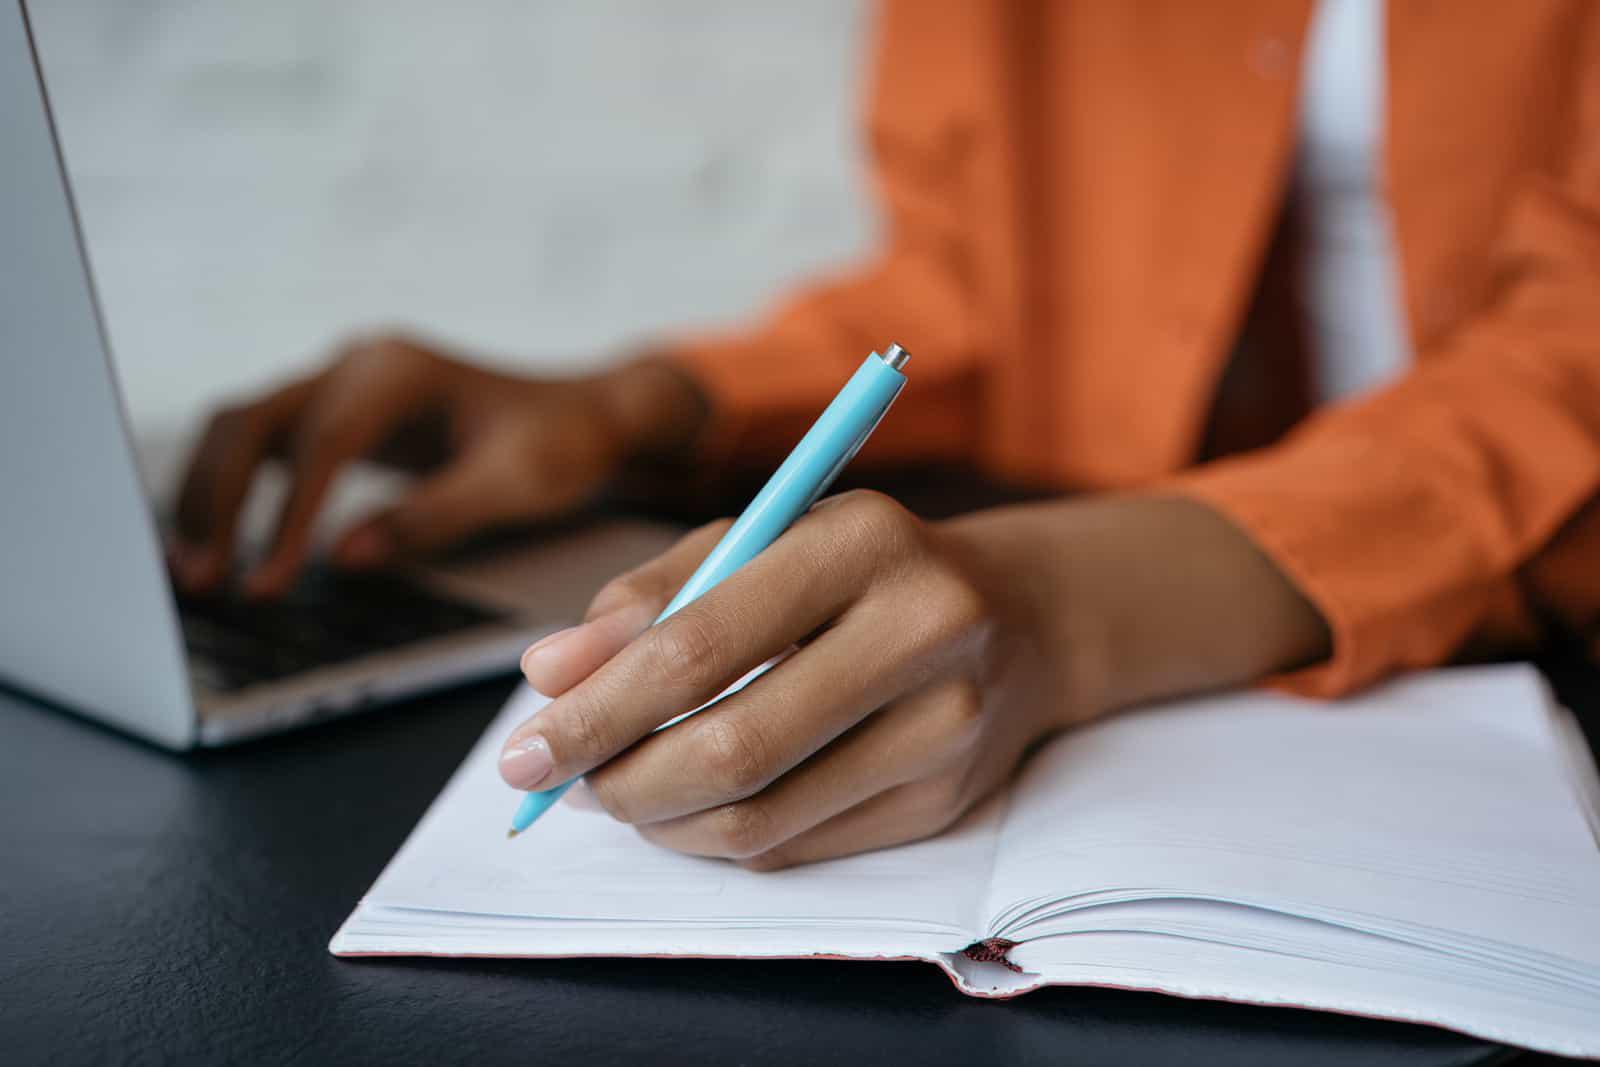 特写镜头中,学生手握笔,在笔记本上写字,在家里工作. 电子学习